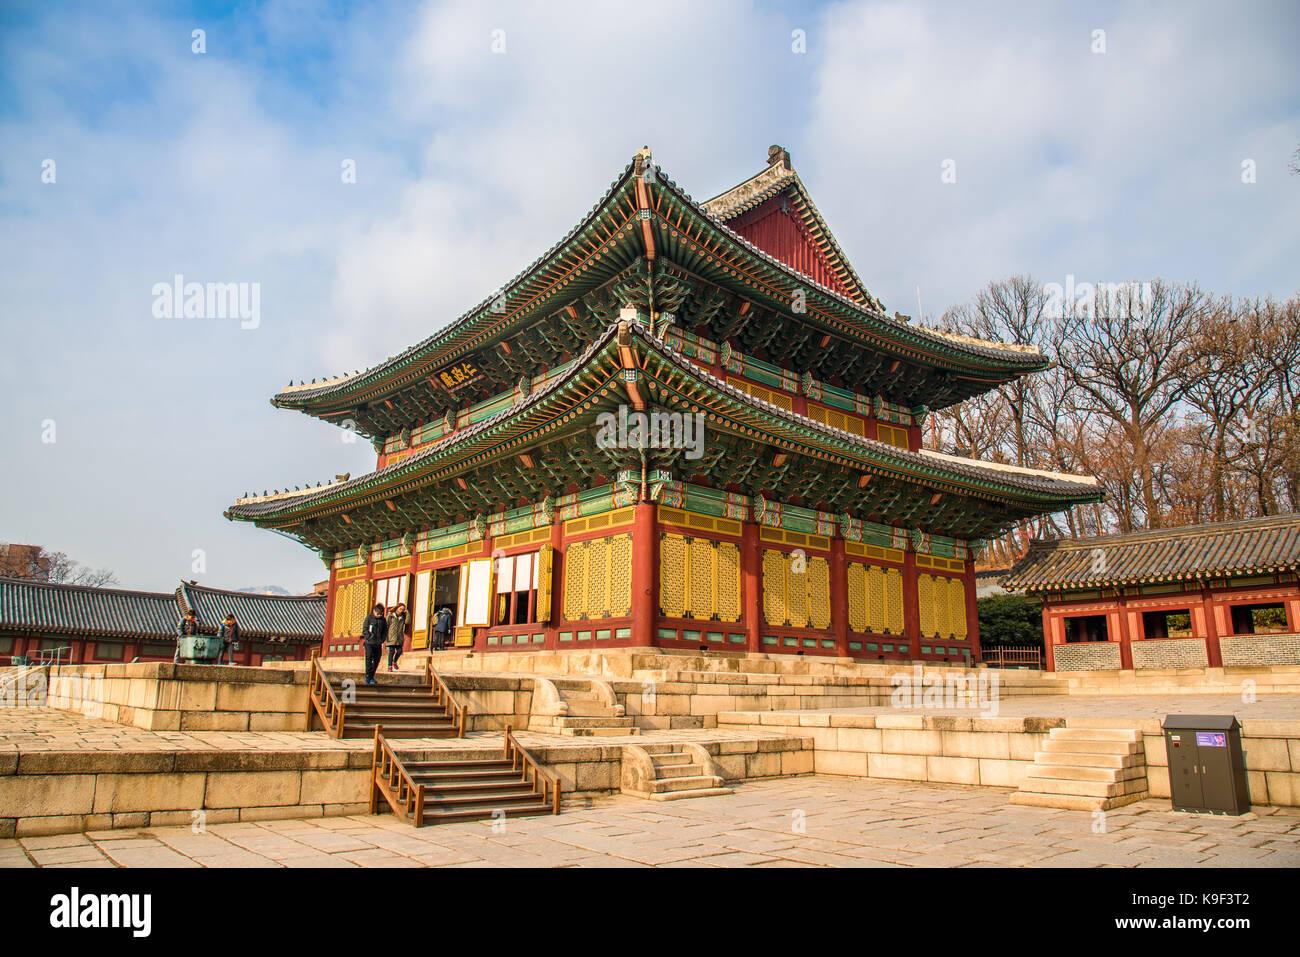 Séoul, Corée du Sud - 31 décembre 2016 - un bâtiment traditionnel coréen à l'intérieur du site du patrimoine mondial Banque D'Images